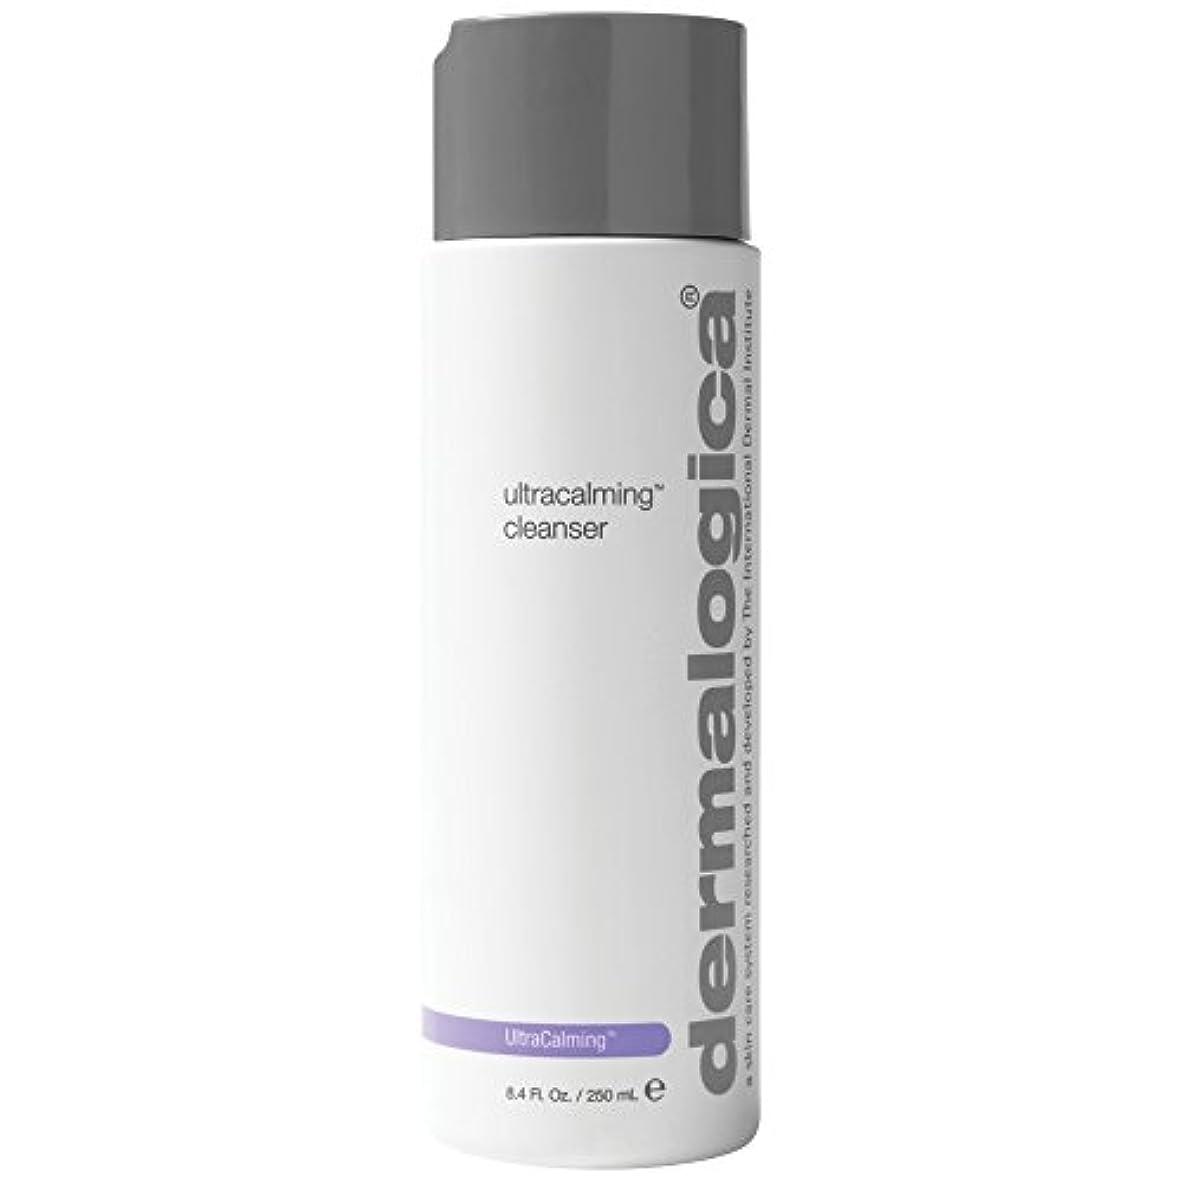 冗長兵器庫甘味ダーマロジカUltracalming?クレンザーの250ミリリットル (Dermalogica) (x2) - Dermalogica UltraCalming? Cleanser 250ml (Pack of 2) [...